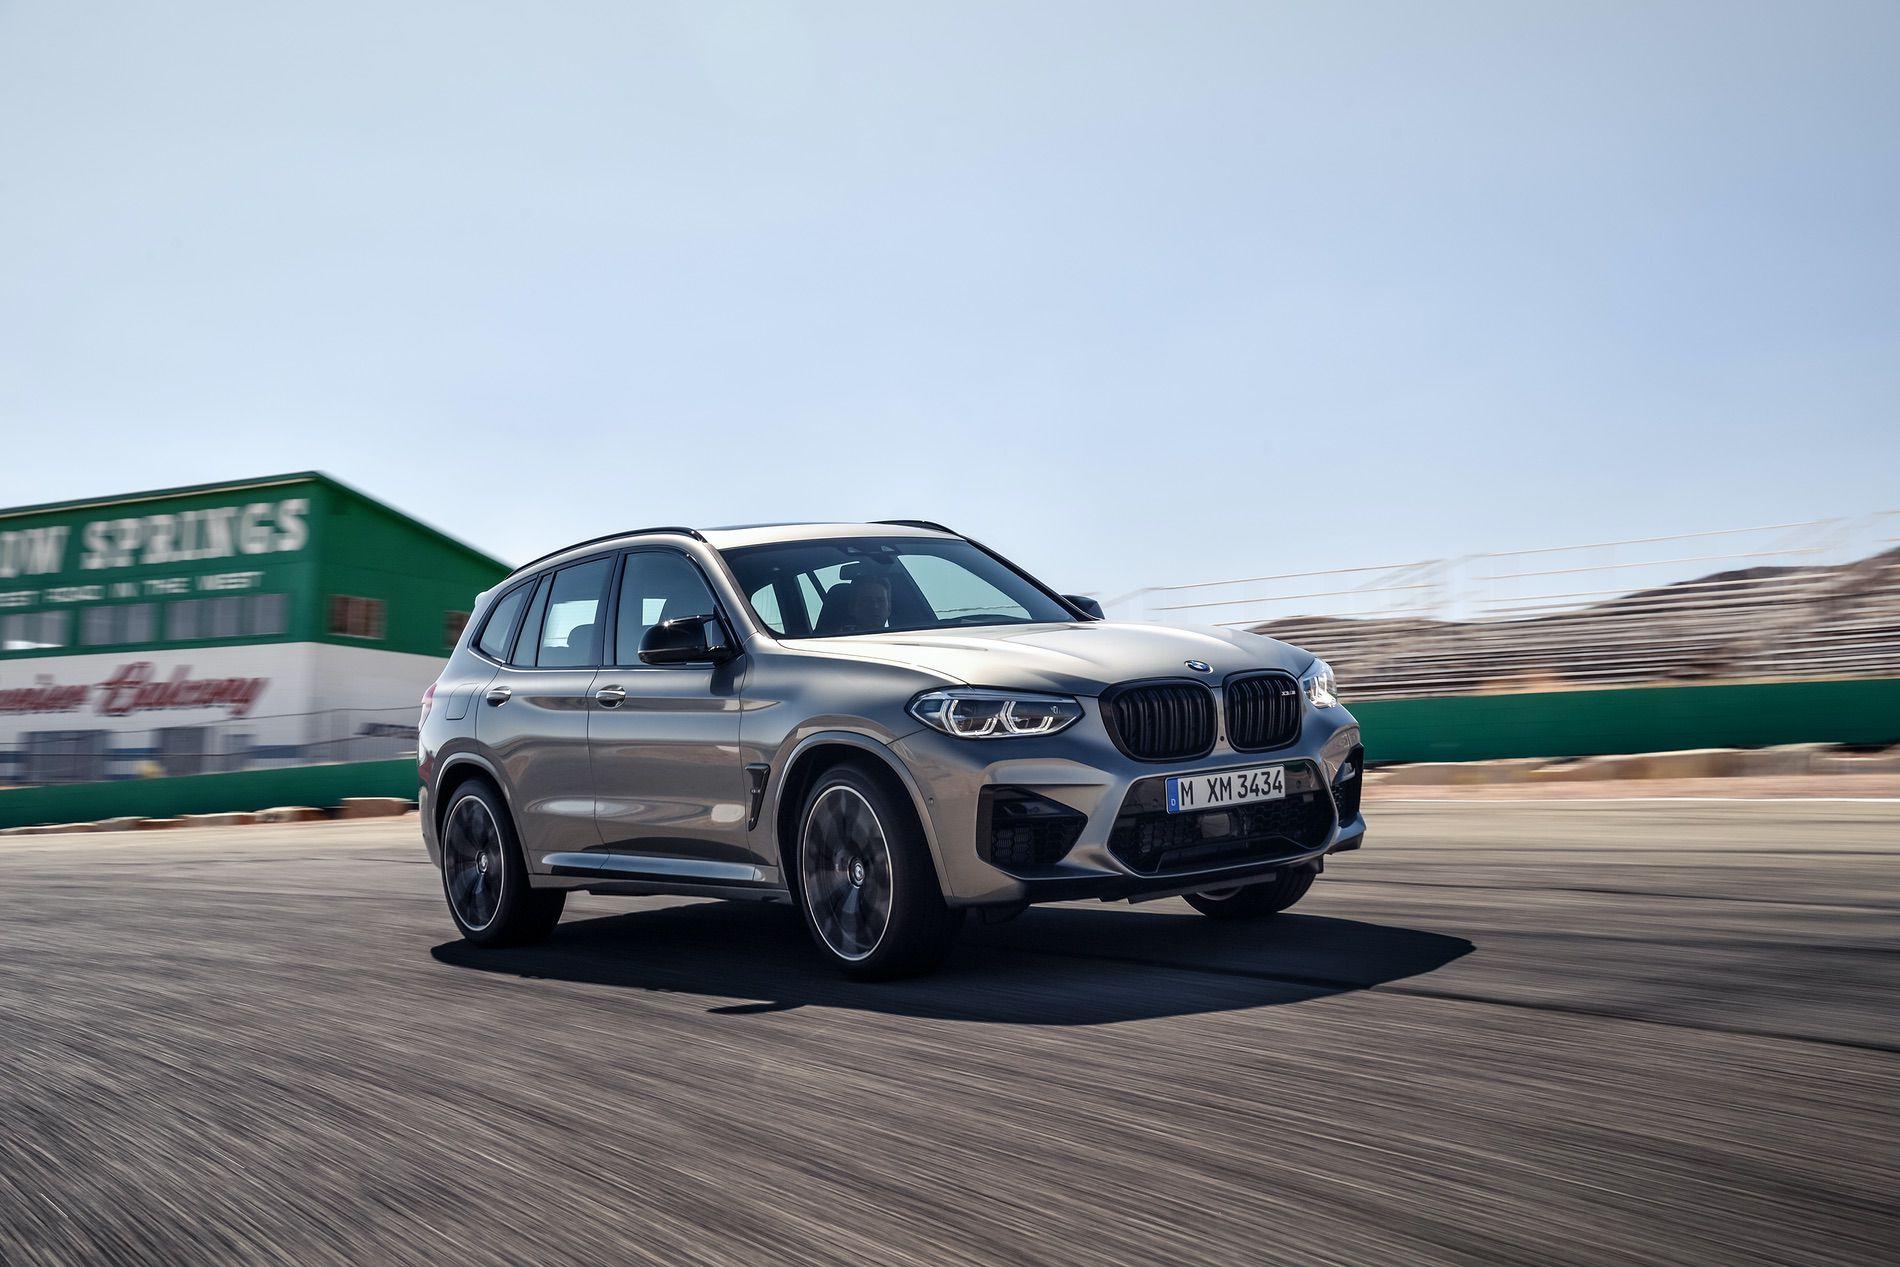 BMW X3M 2019 images 04 1